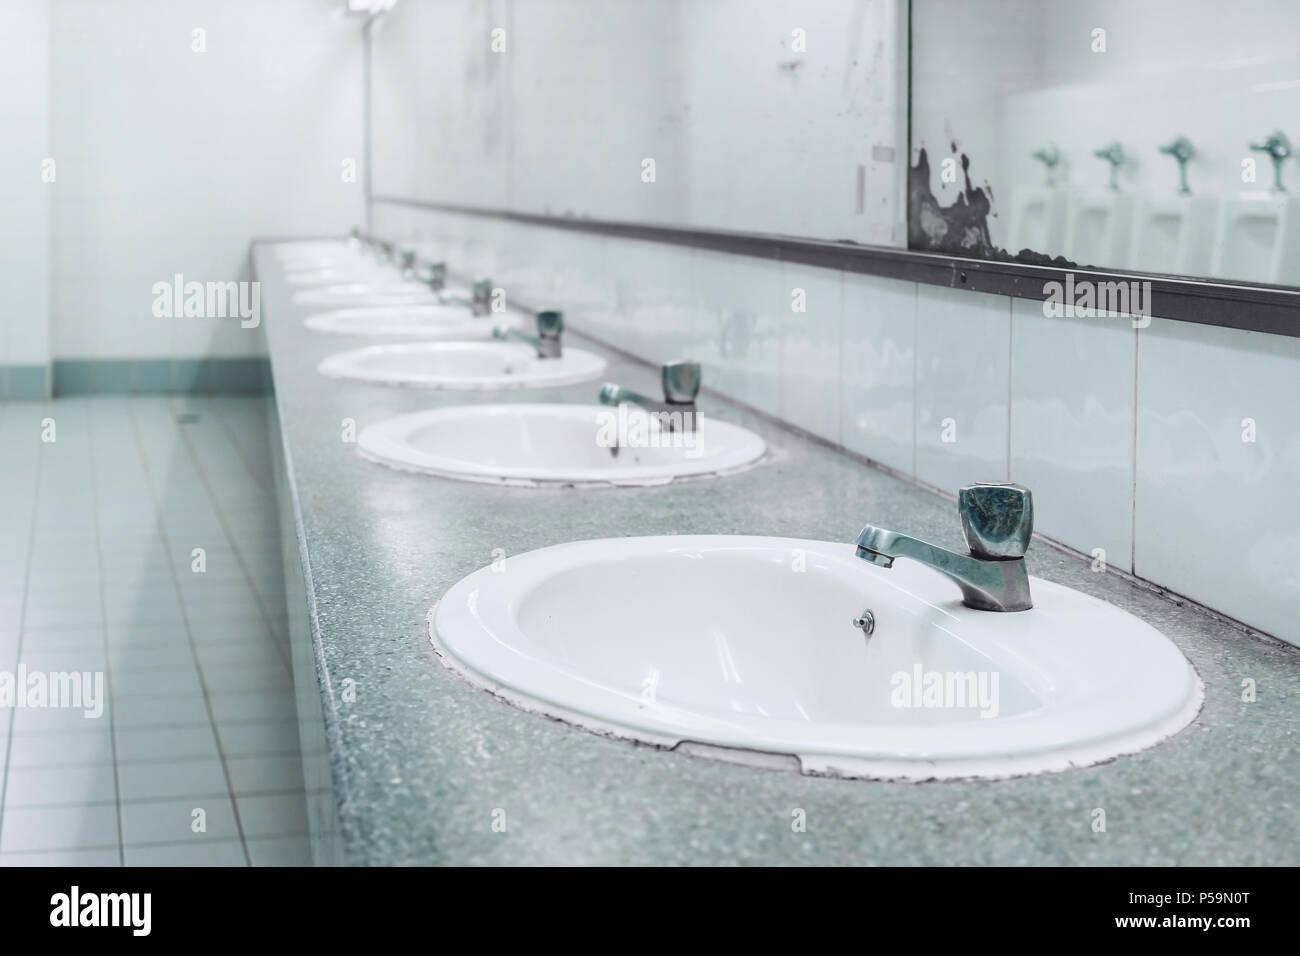 les toilettes et salle de bains avec lavabo blanc int rieur et l 39 vier ou les toilettes close. Black Bedroom Furniture Sets. Home Design Ideas